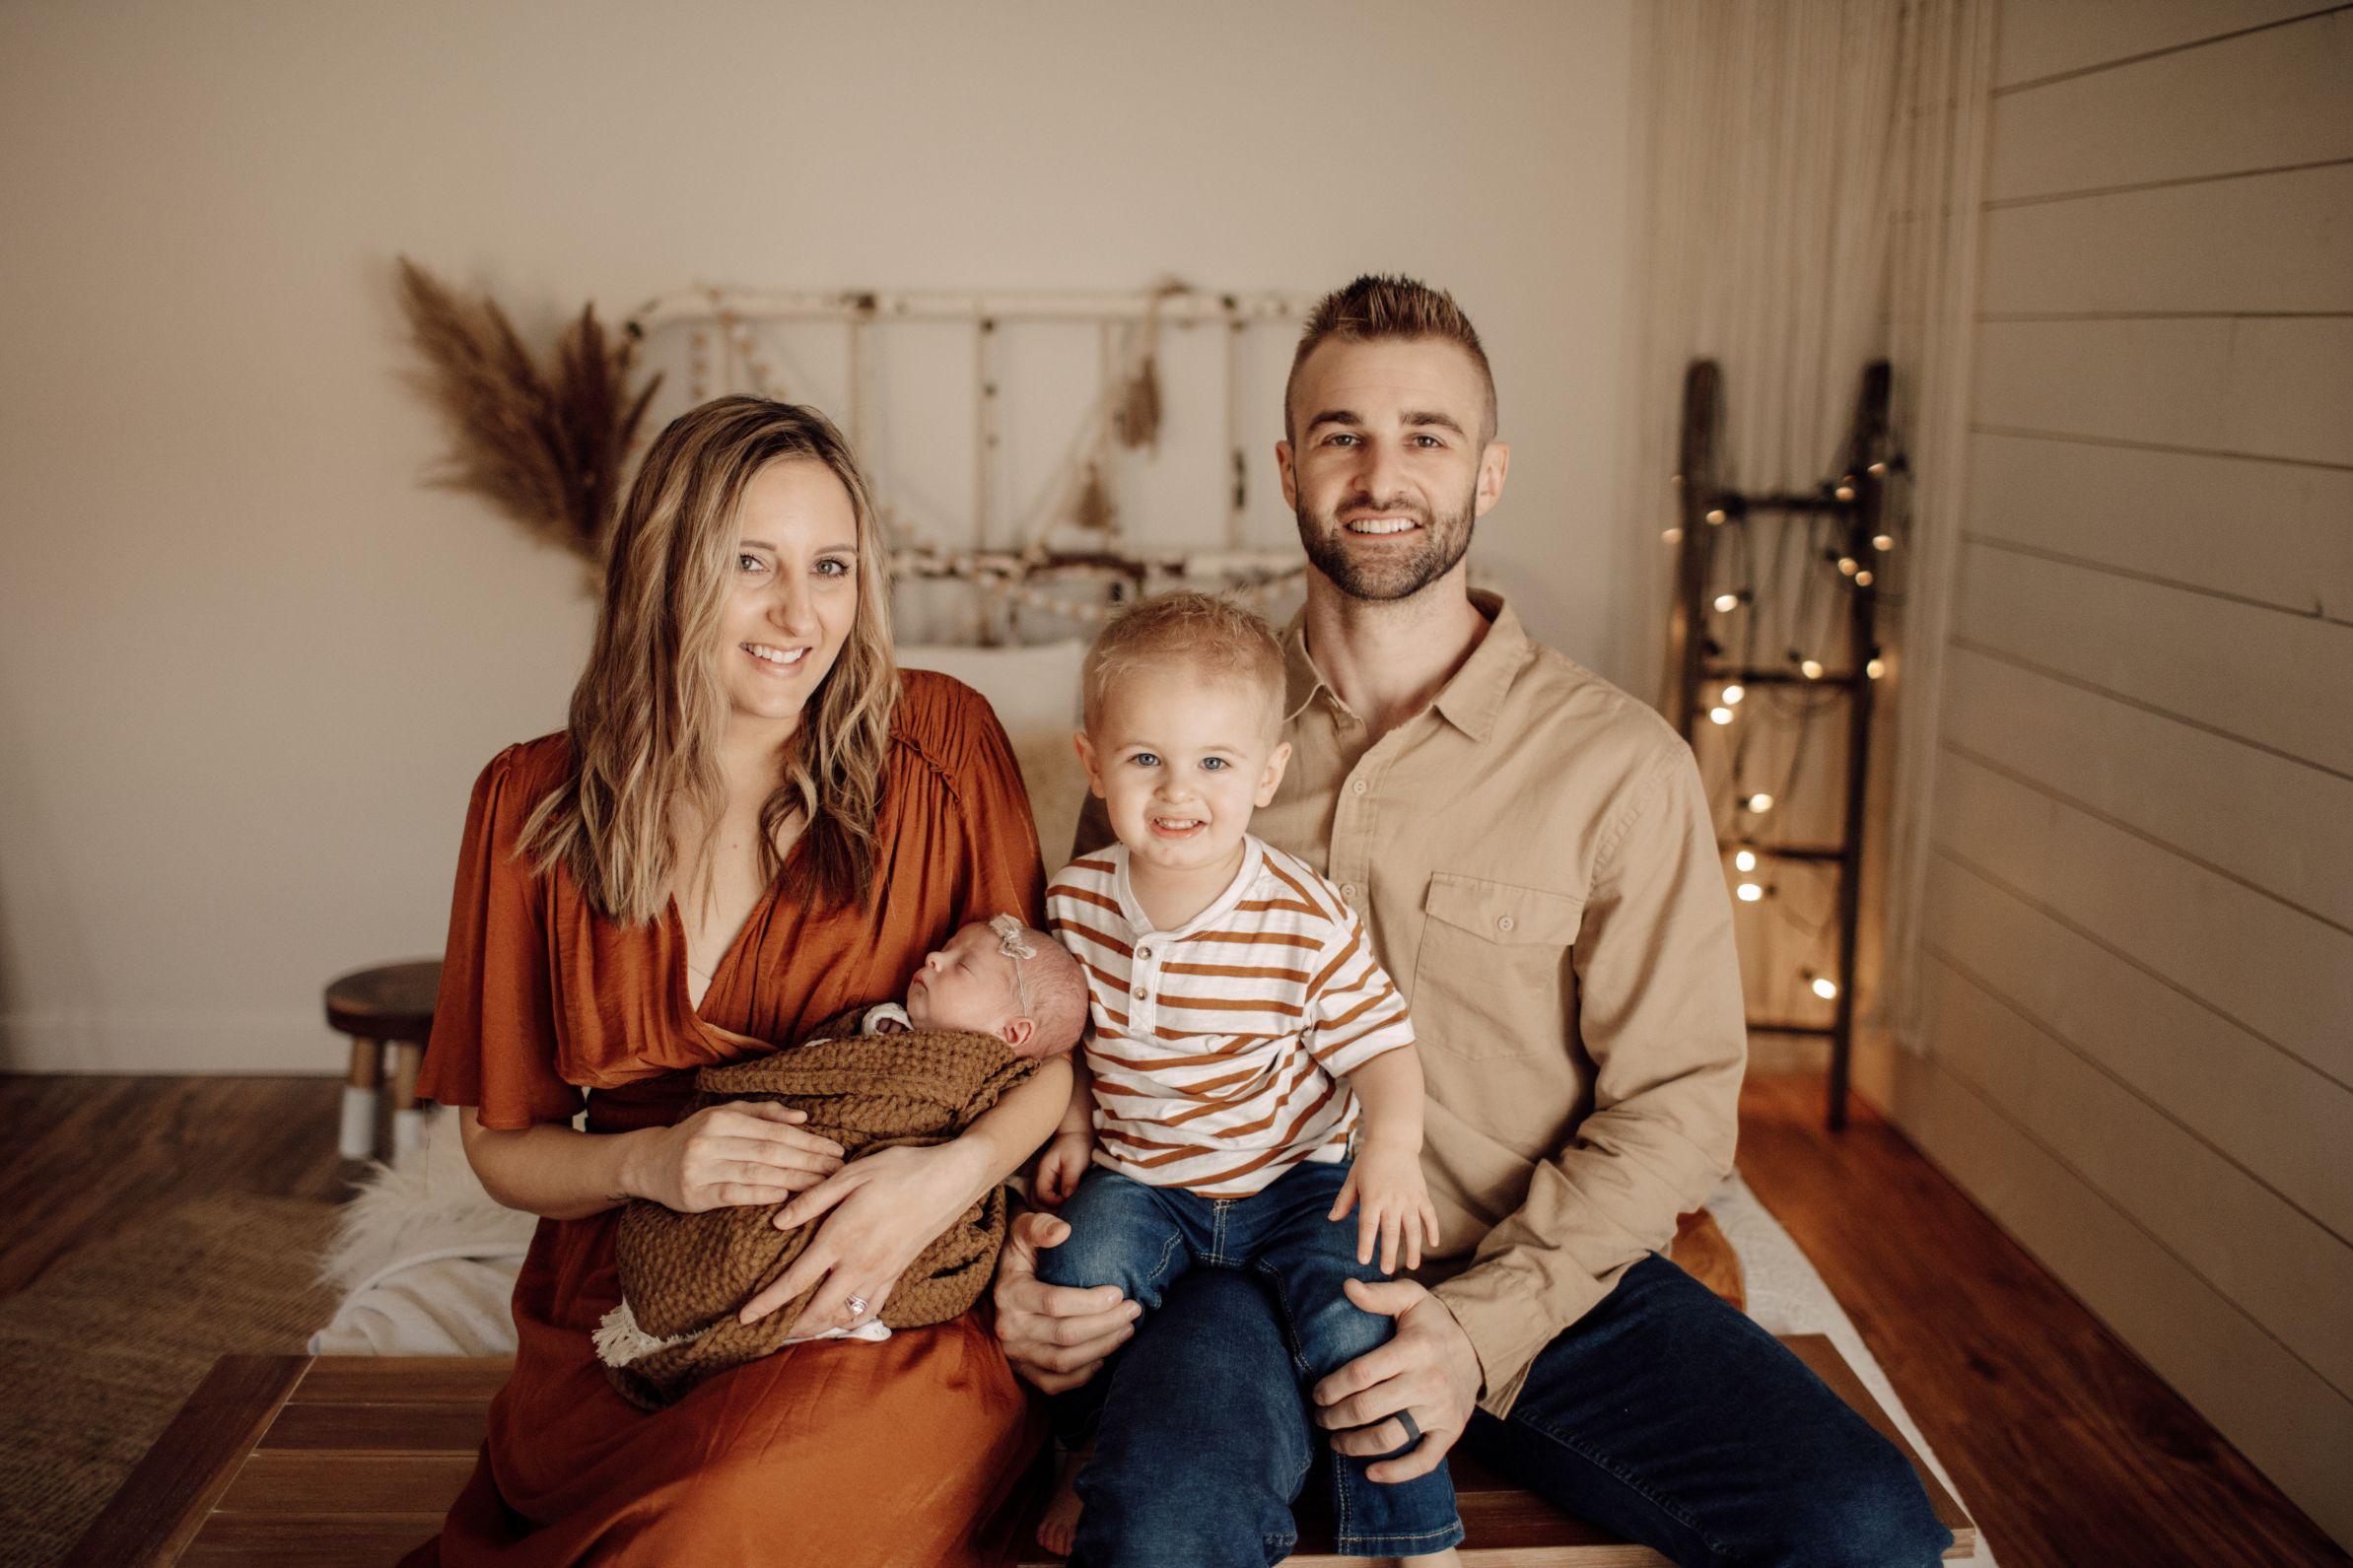 knierim-family-photo.jpg